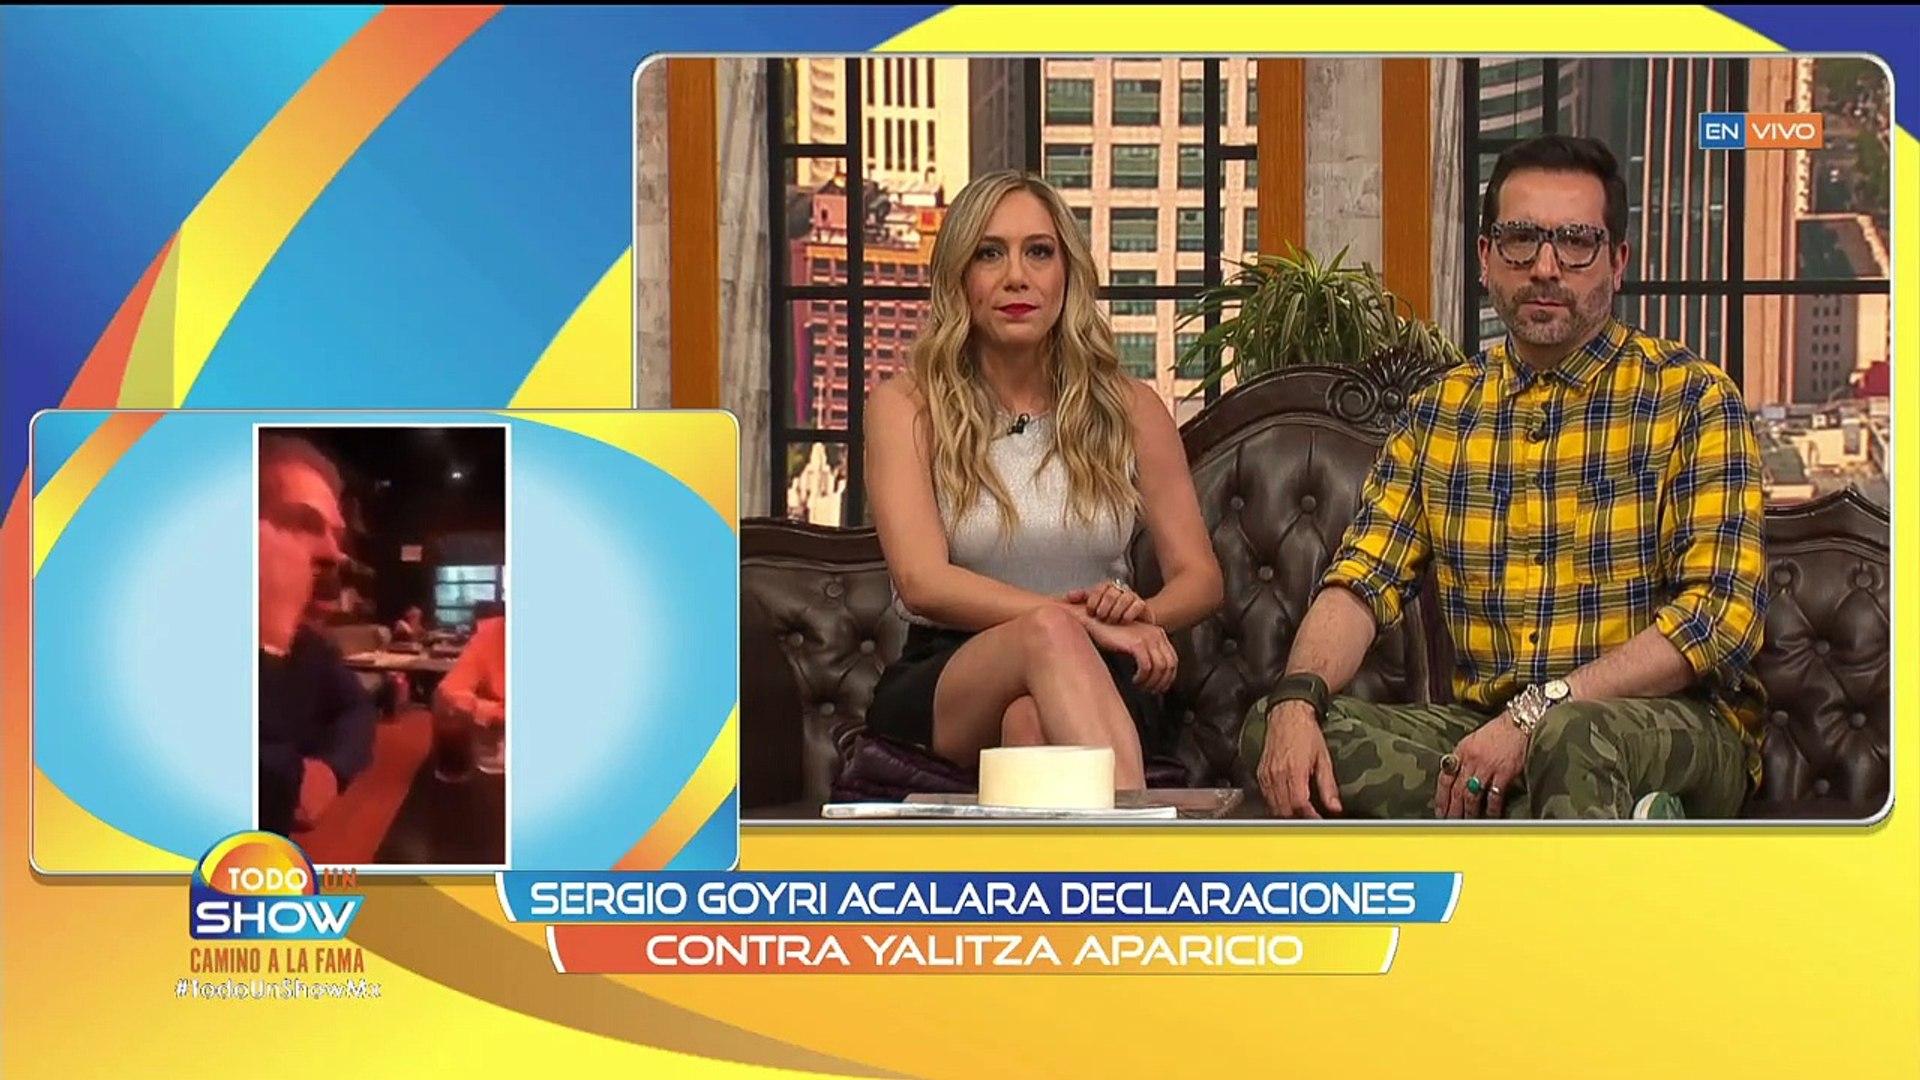 Todo Un Show |¡Sergio Goyri ACLARA EN VIVO sus comentarios contra Yalitza Aparicio!